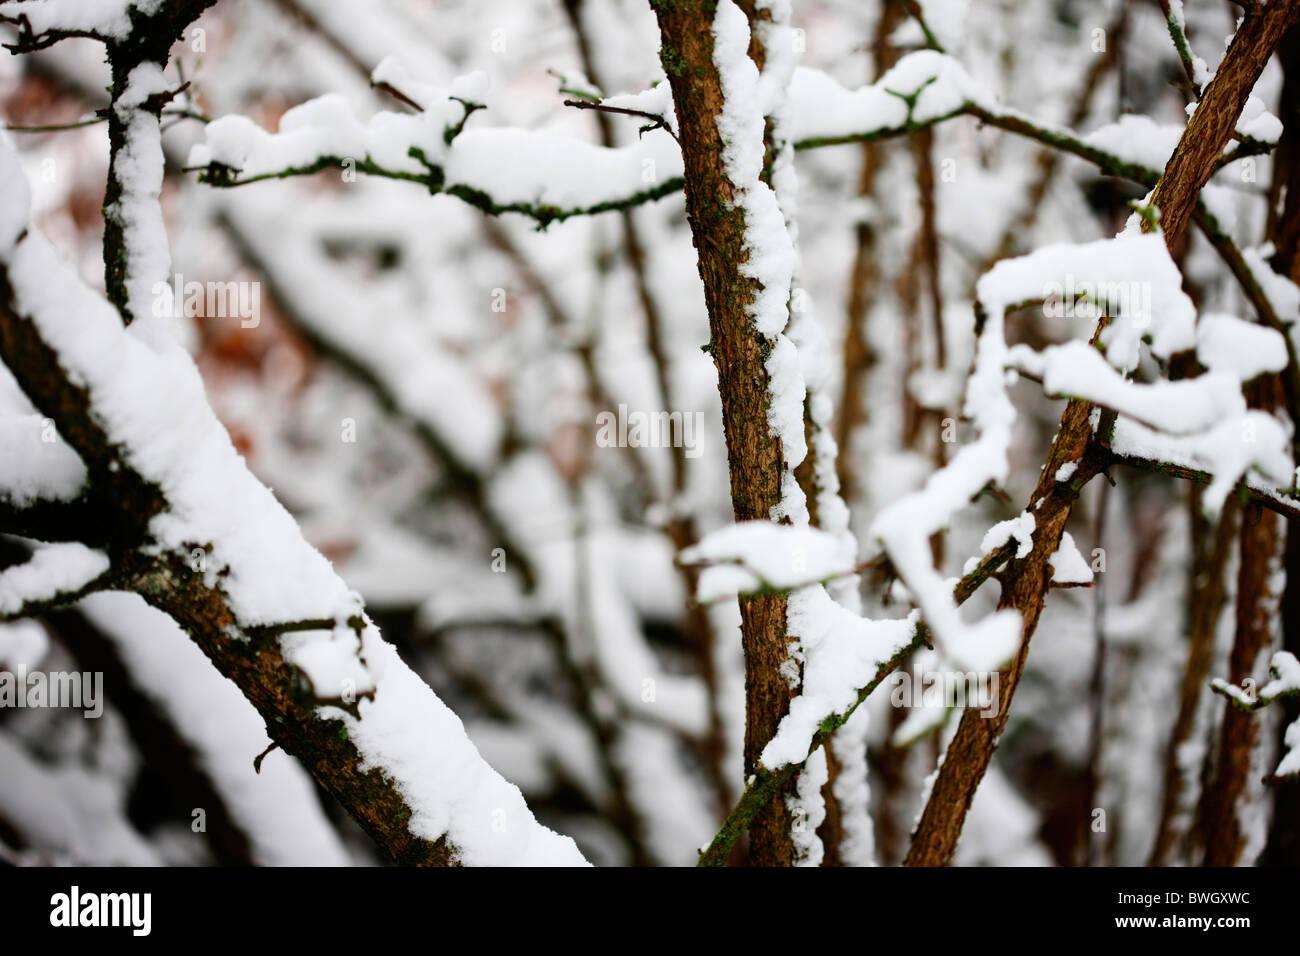 Una escena de invierno de nieve laden cerezo ramas - fotografía artística Jane-Ann Butler Fotografía JABP957 con derechos gestionados Foto de stock